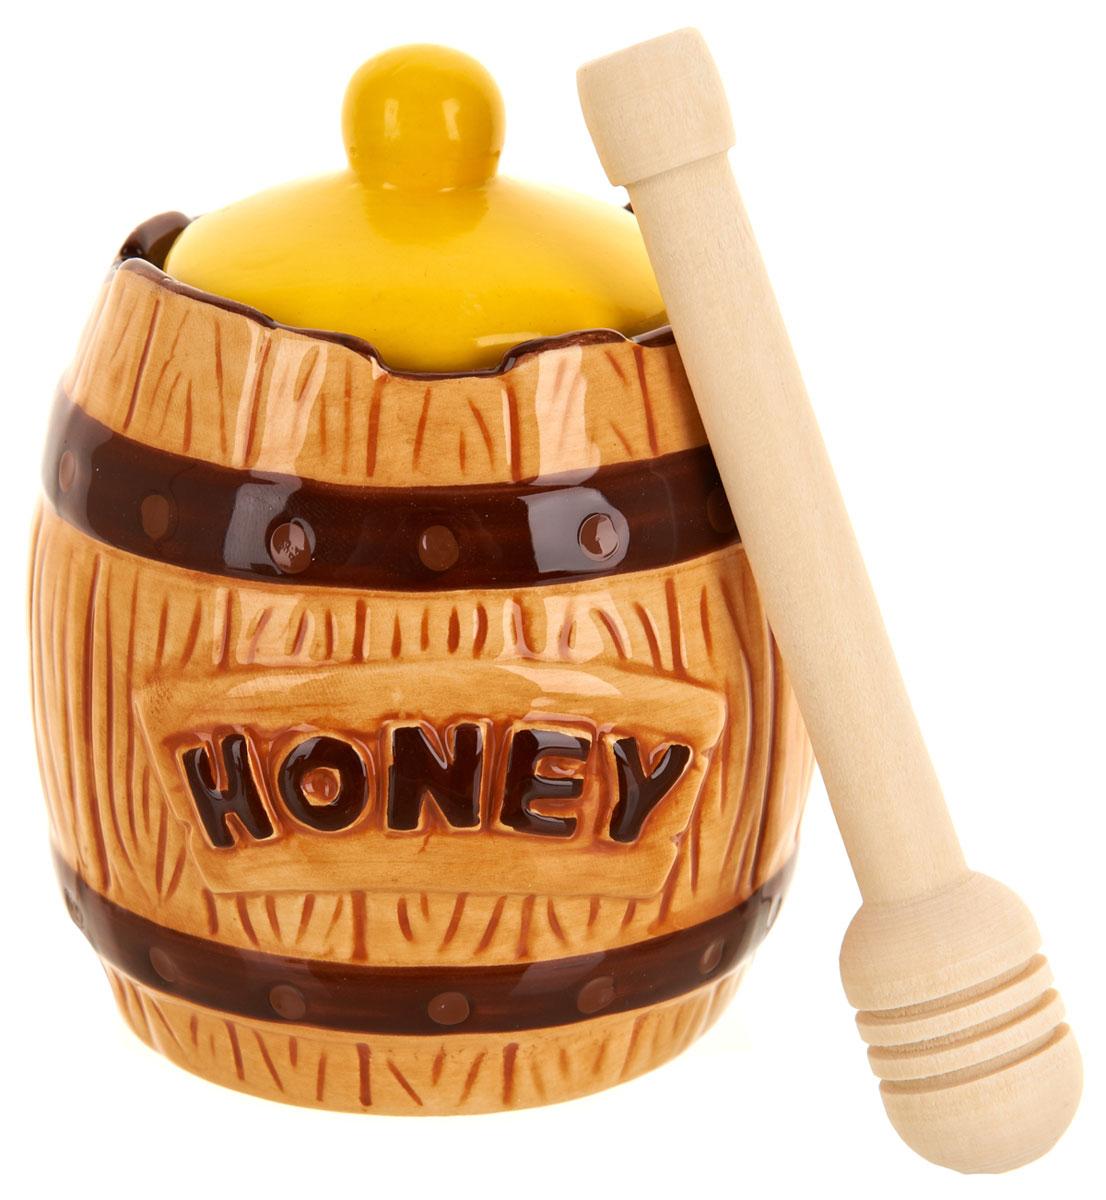 Банка для меда ENS Group Honey, с ложкой, 300 мл банка для меда lefard банка меда 381 963 с крышкой 760 мл